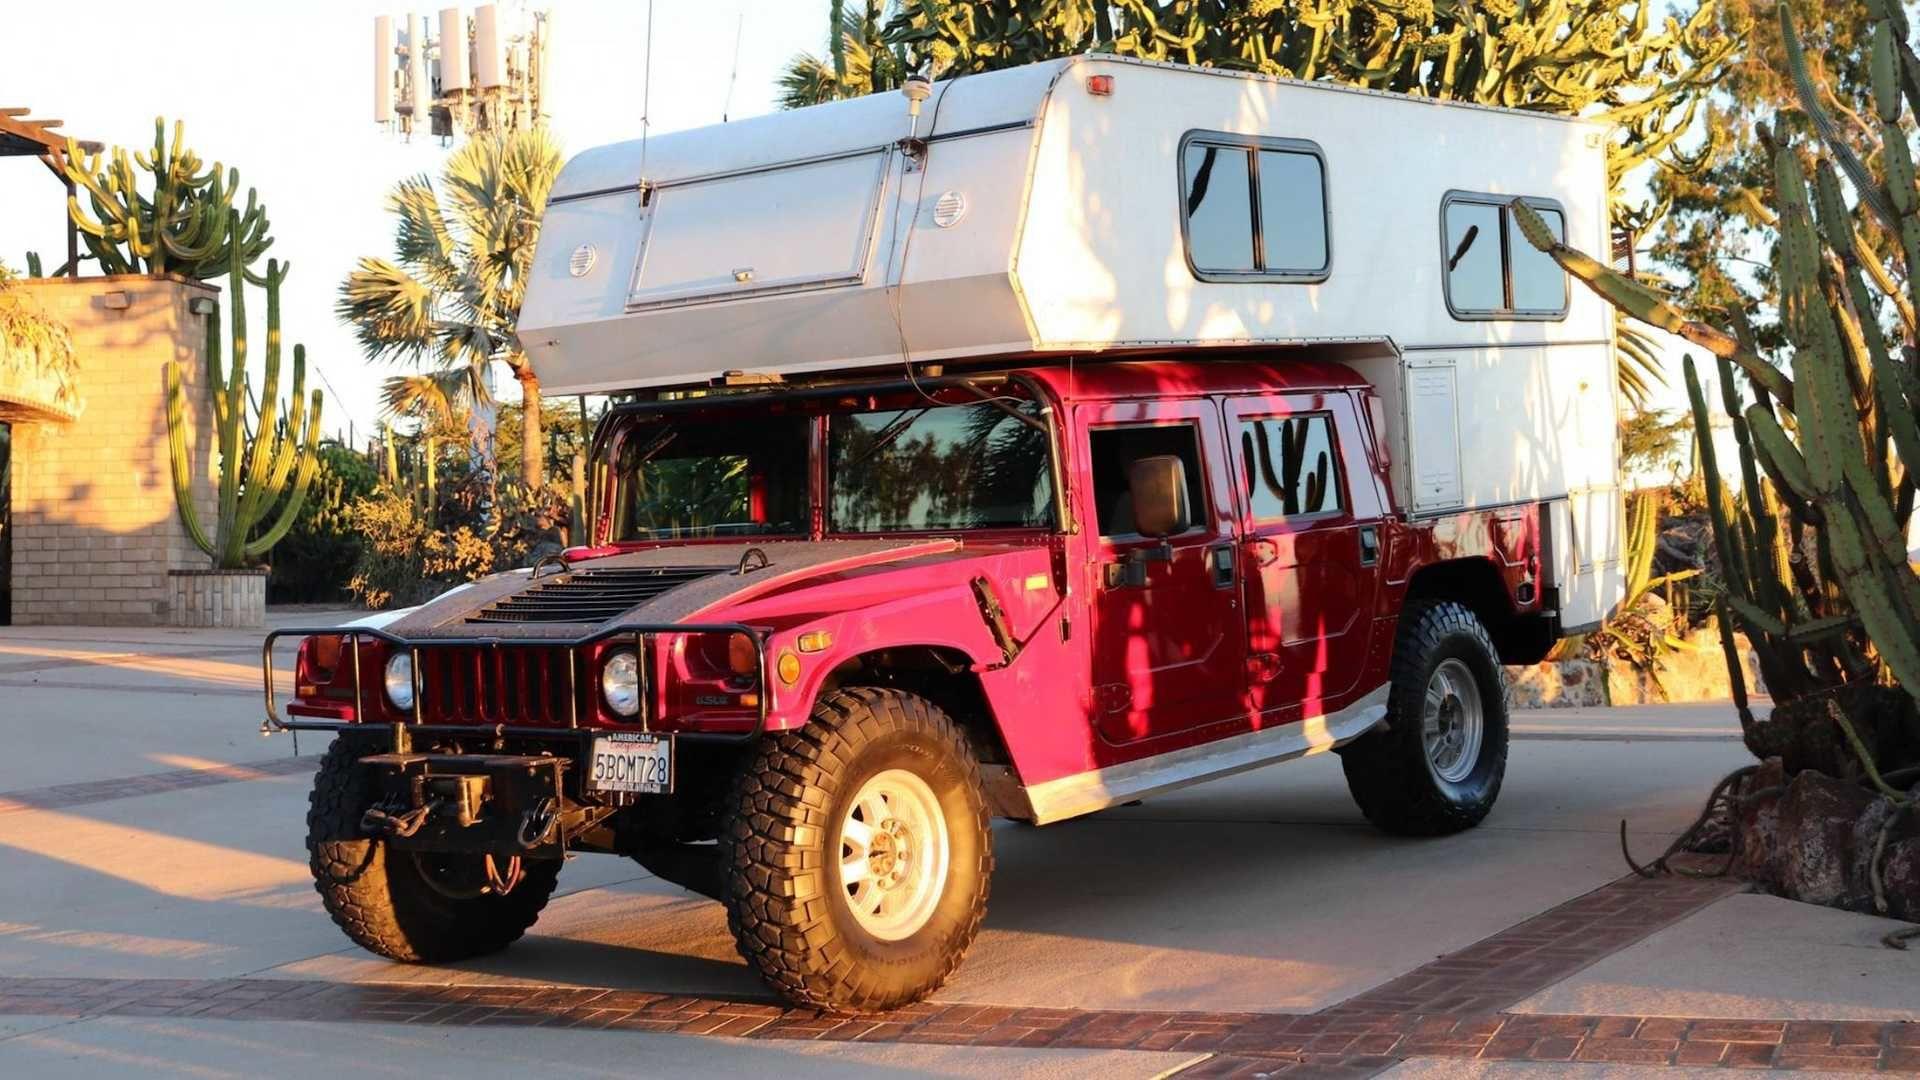 攜帶露營車殼的 Hummer H1 應該是終極越野探險車吧!